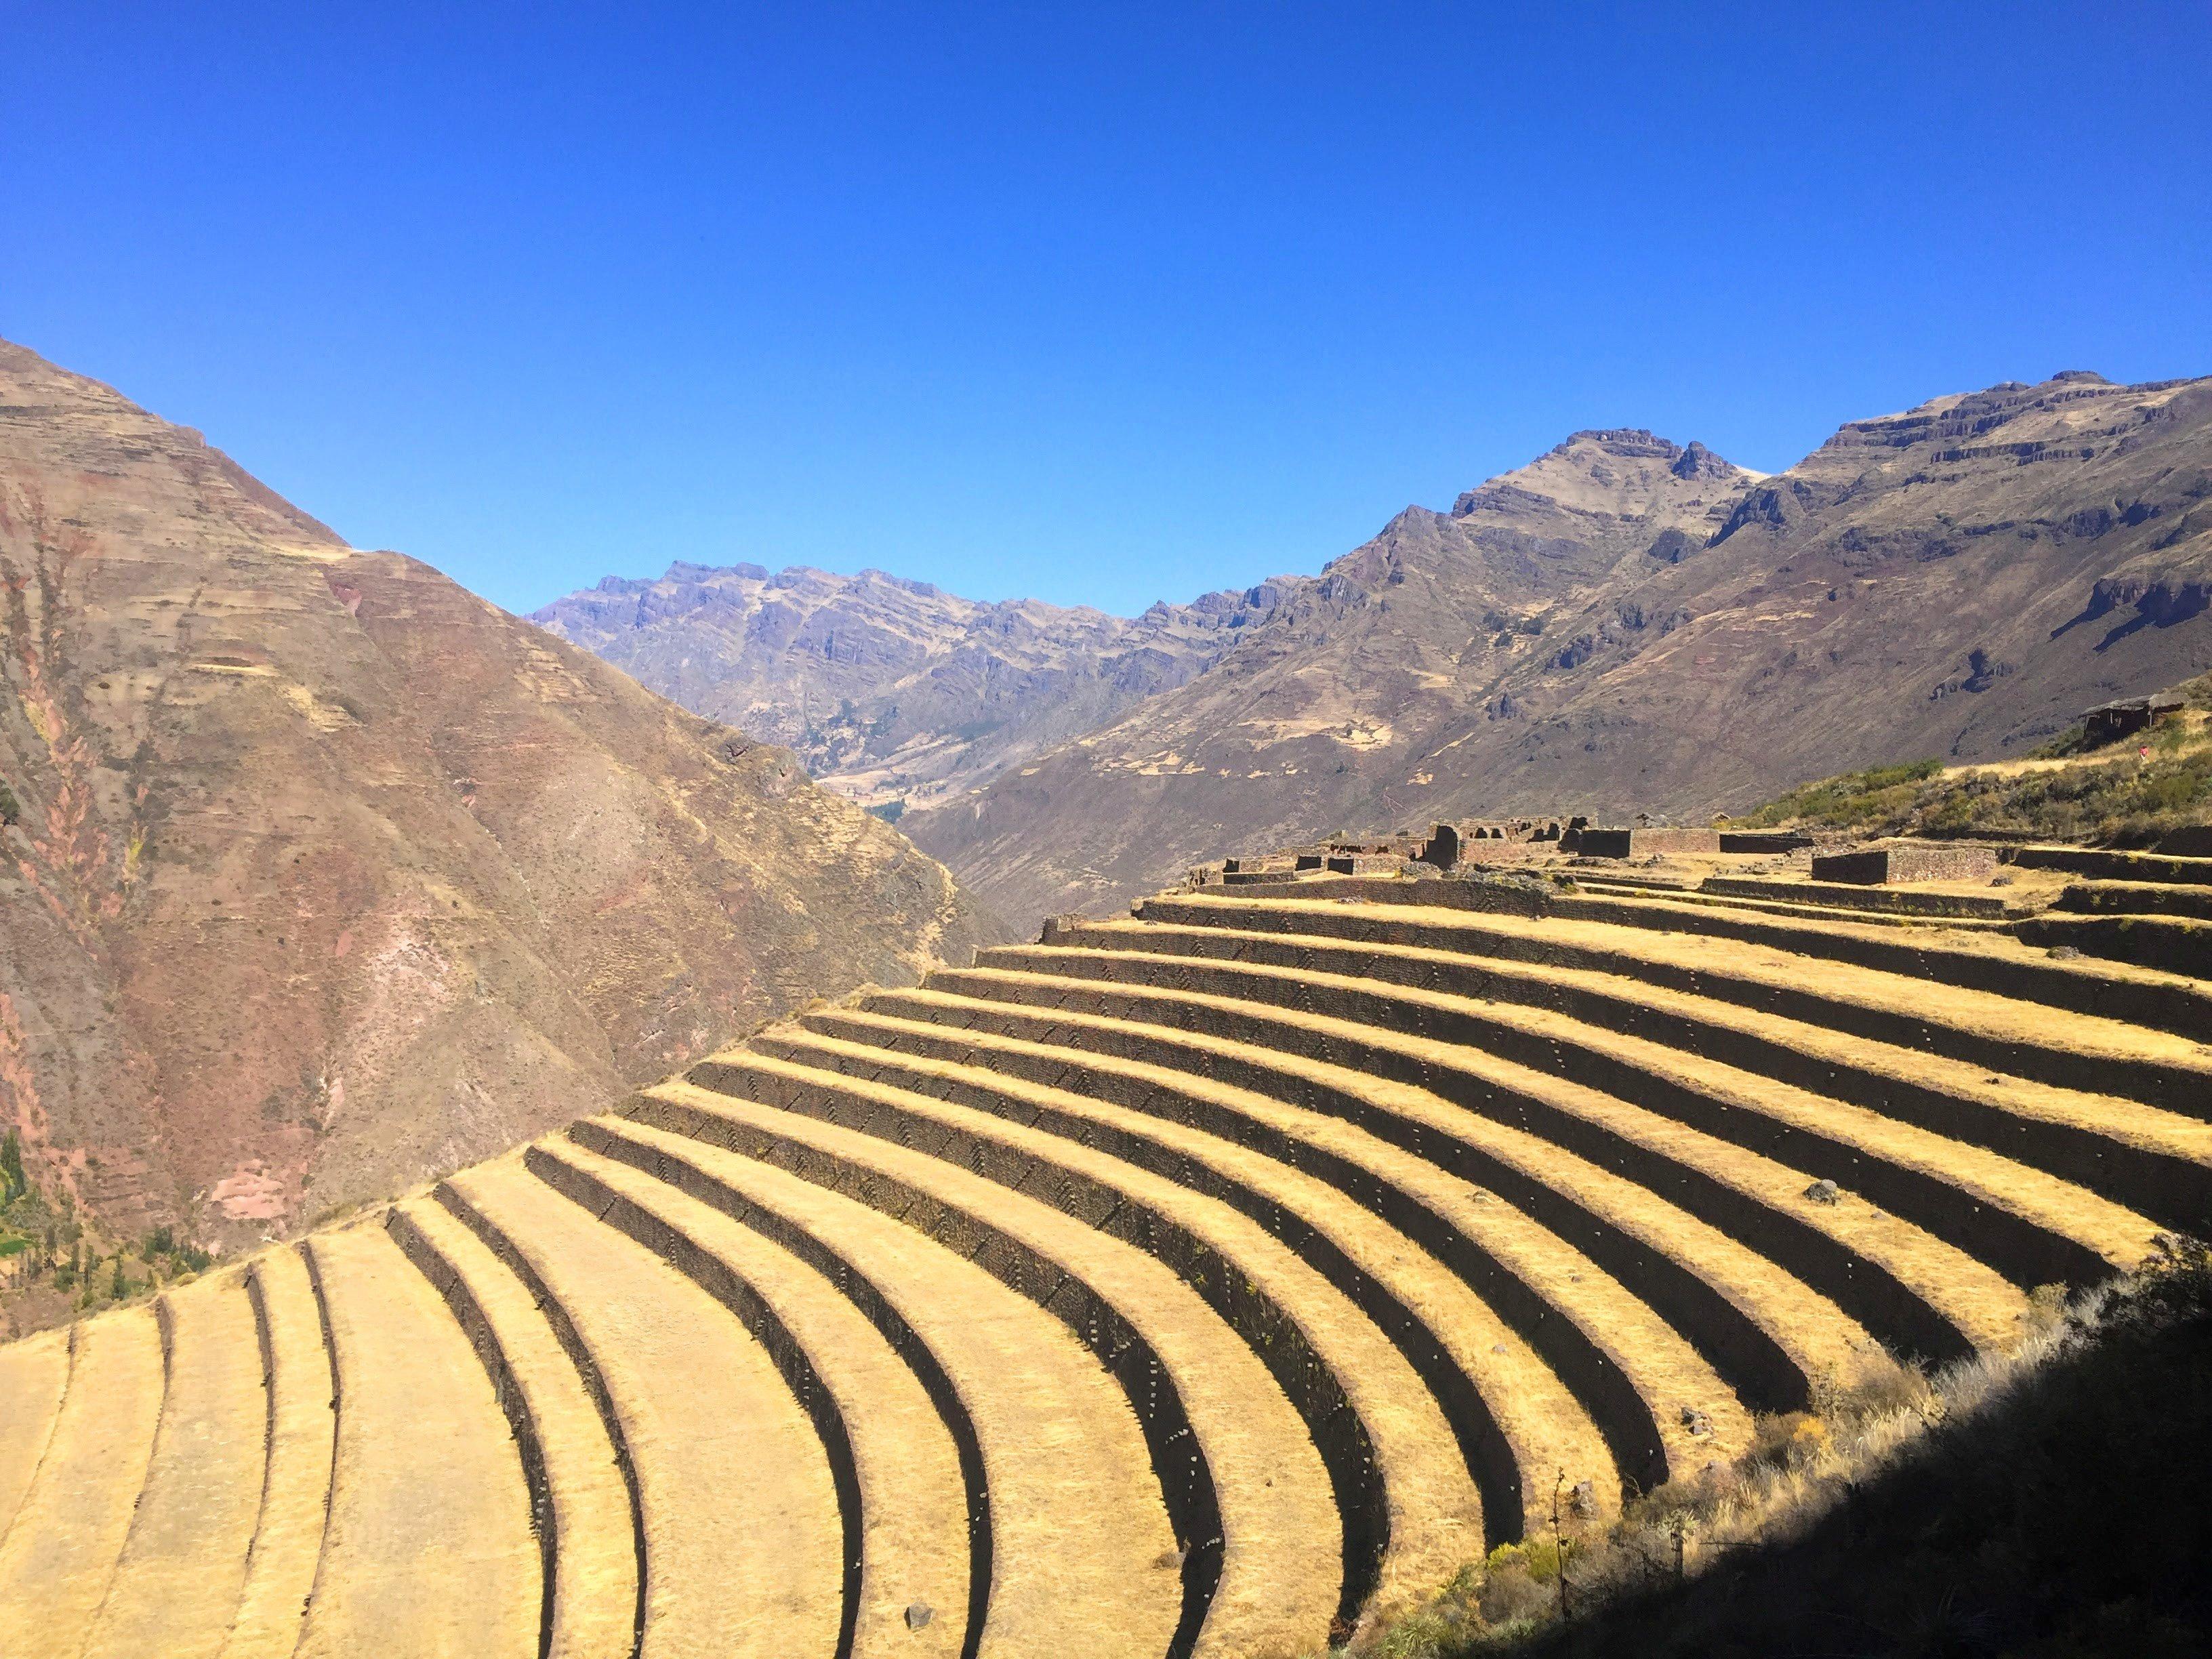 Incan terraces at the Pisac Ruins in Peru